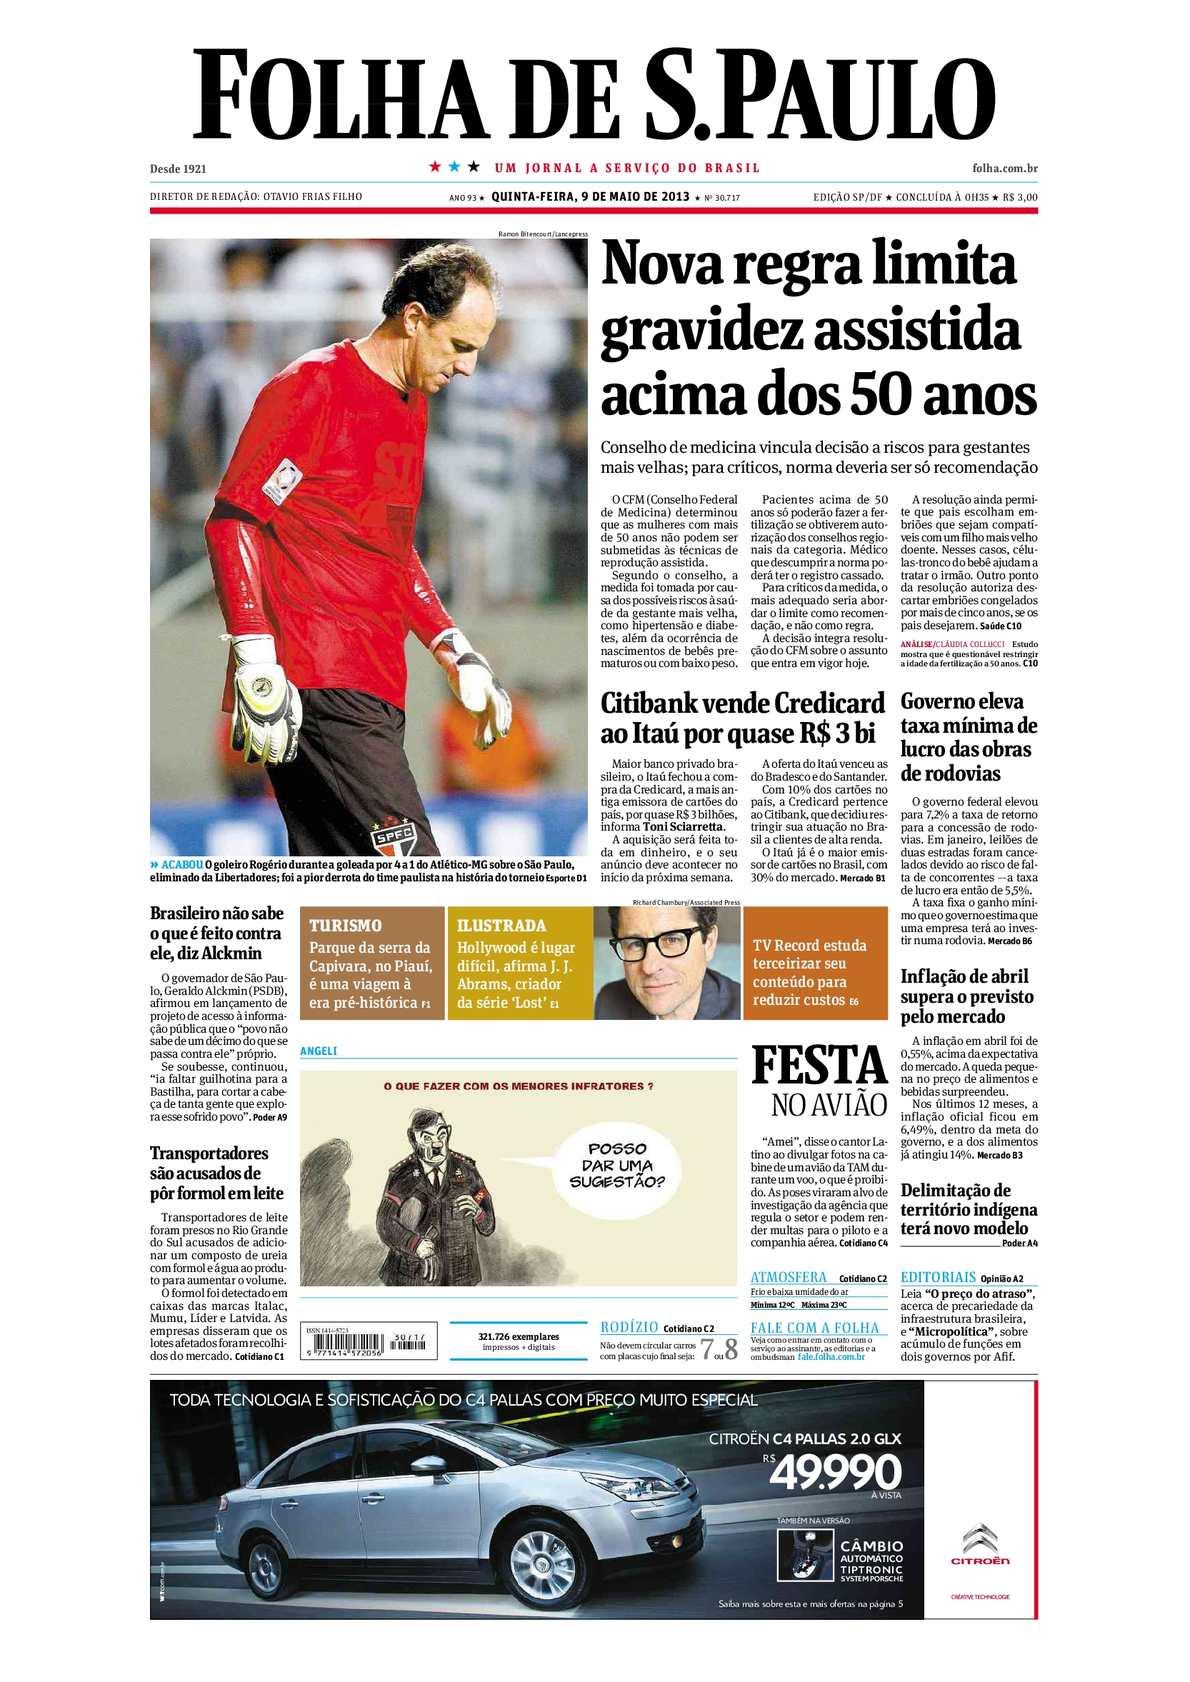 calaméo folha de são paulo 09 05 201396923 Curso De Nutricao Em Recife #17